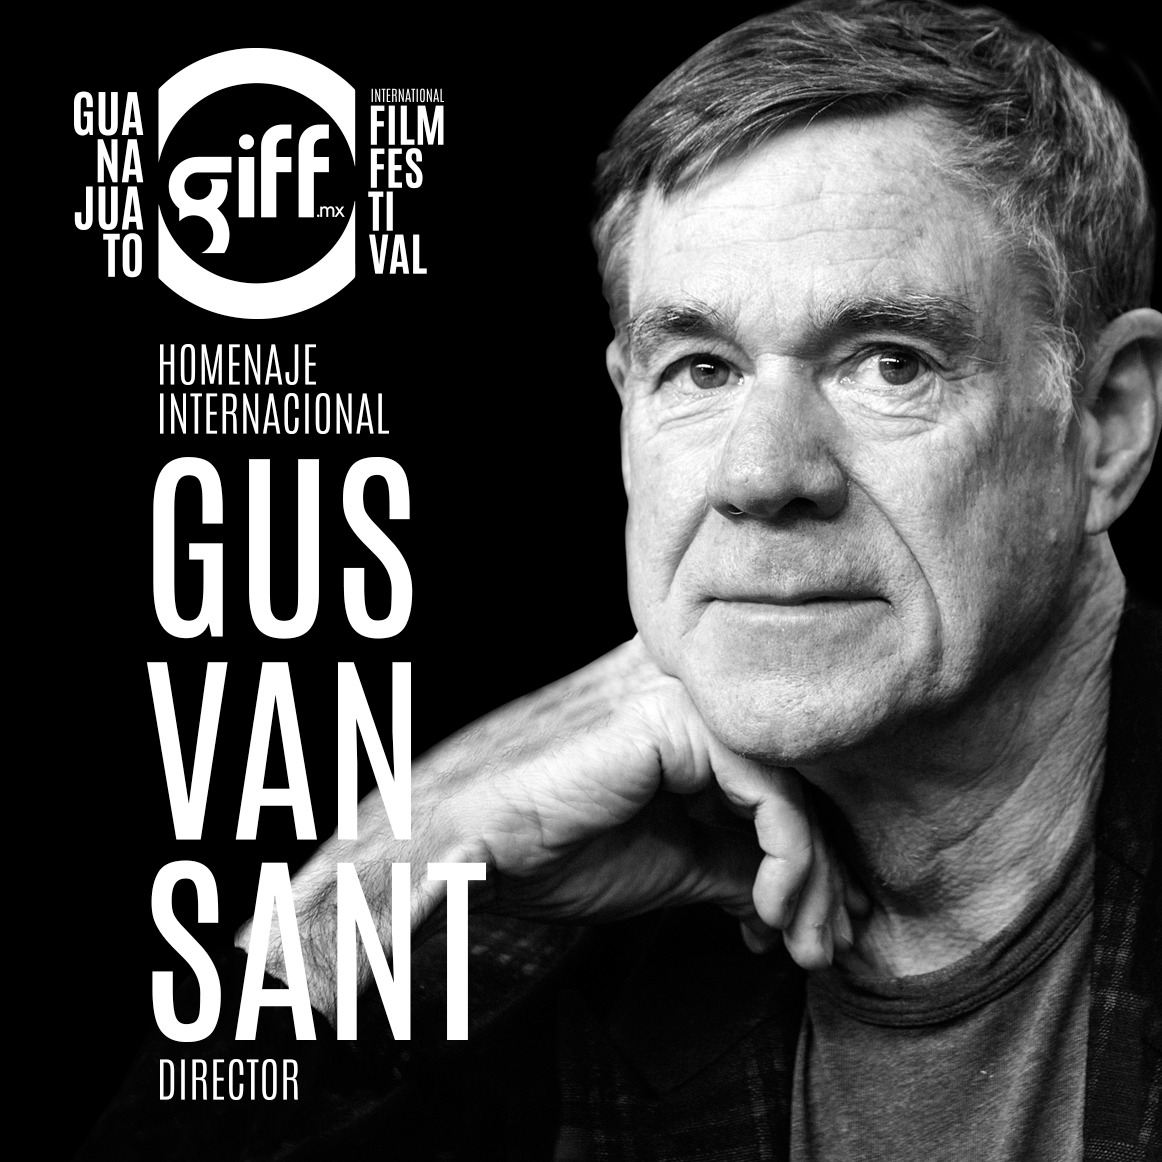 GIFF anuncia homenaje al reconocido director Gus Van Sant